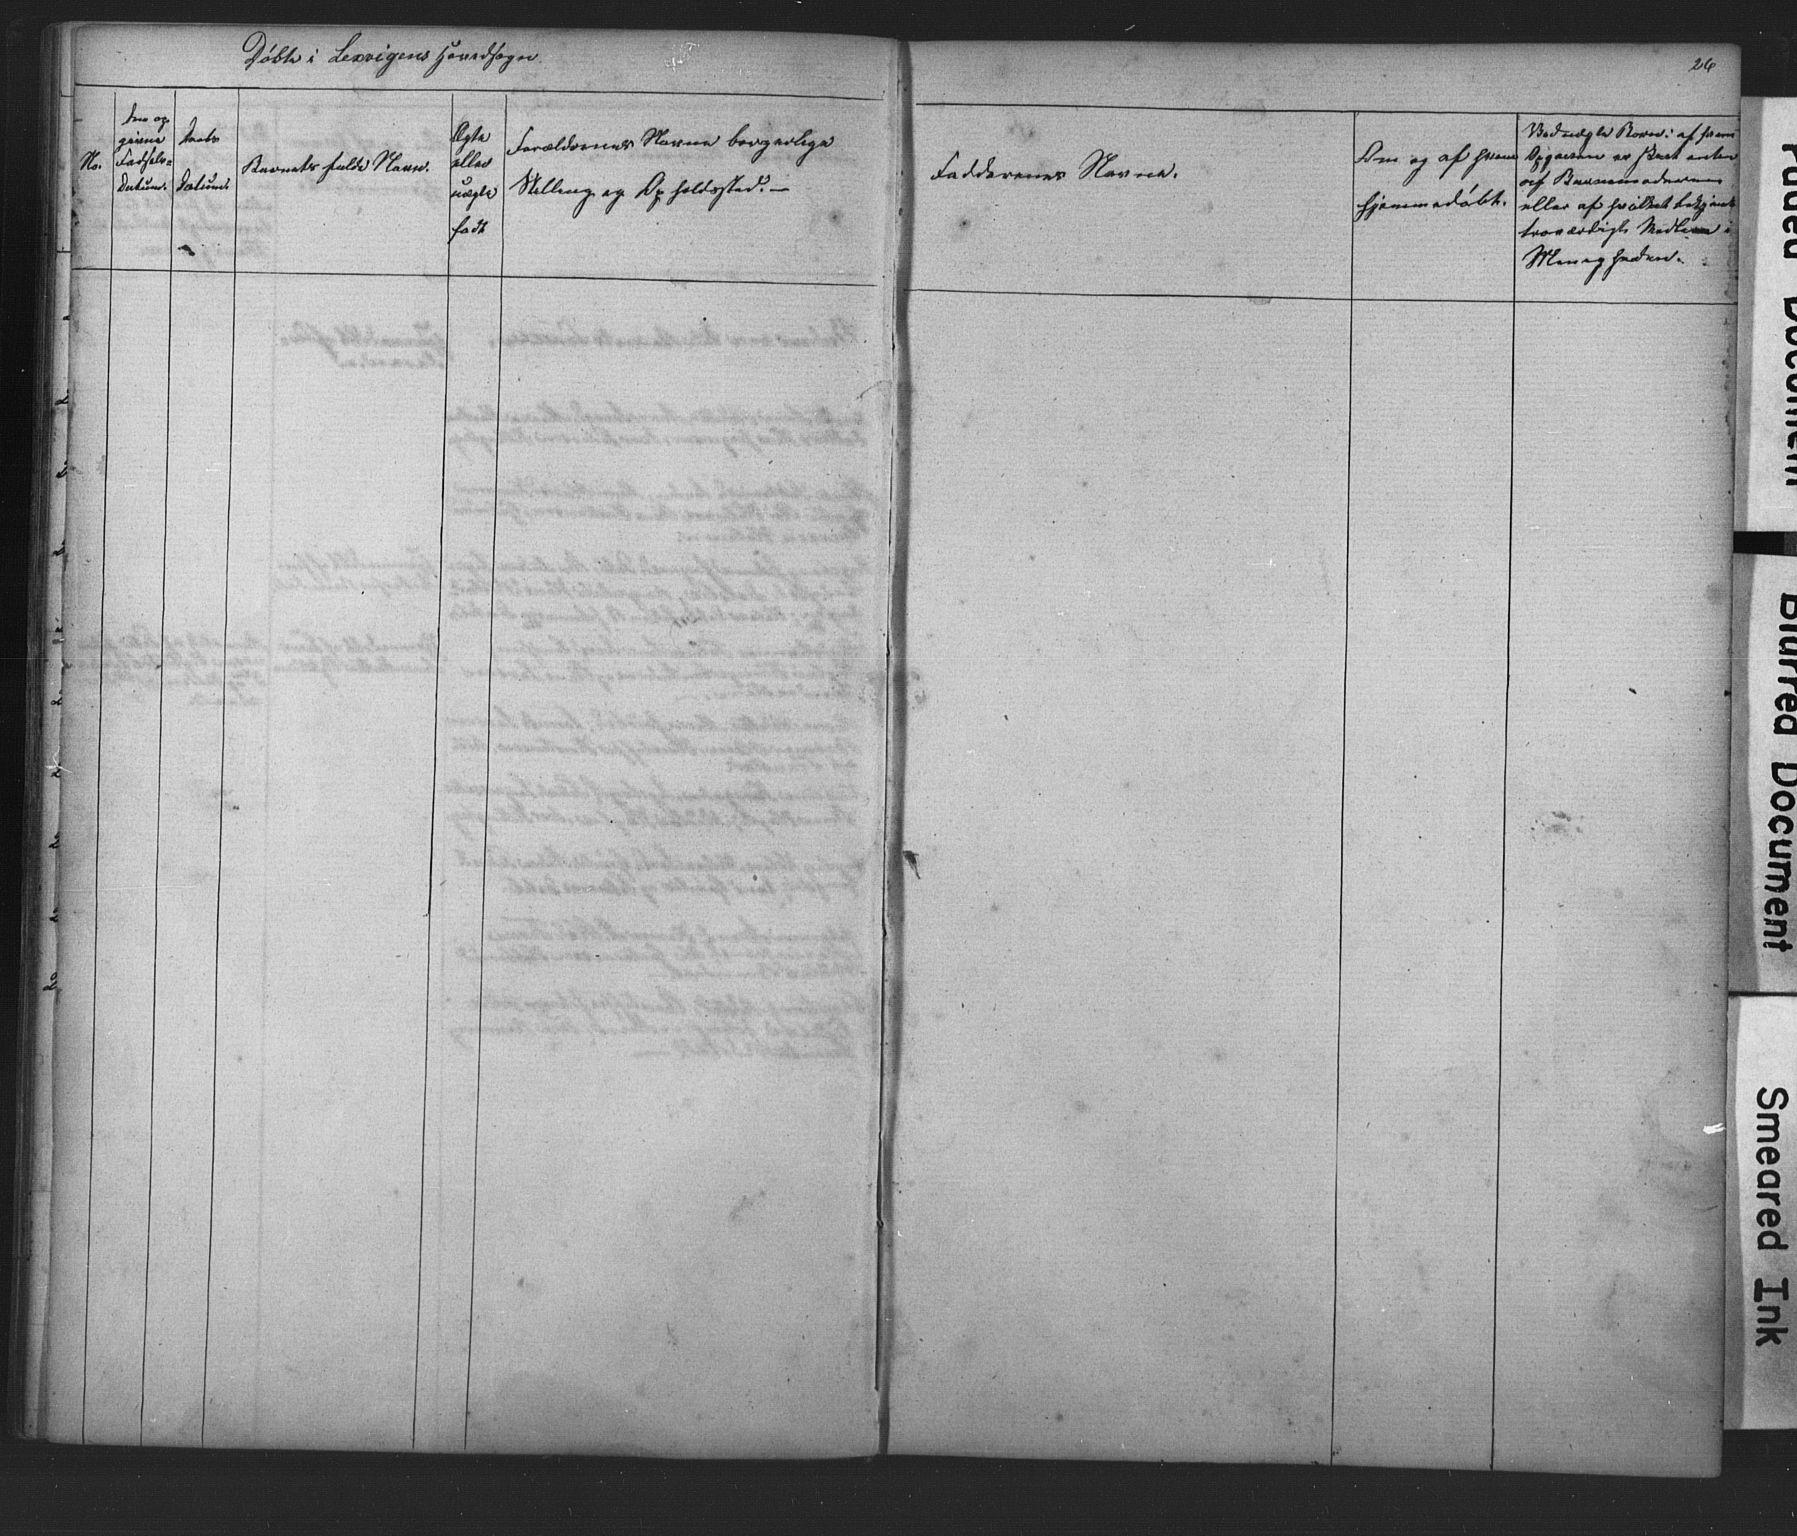 SAT, Ministerialprotokoller, klokkerbøker og fødselsregistre - Nord-Trøndelag, 701/L0018: Klokkerbok nr. 701C02, 1868-1872, s. 26